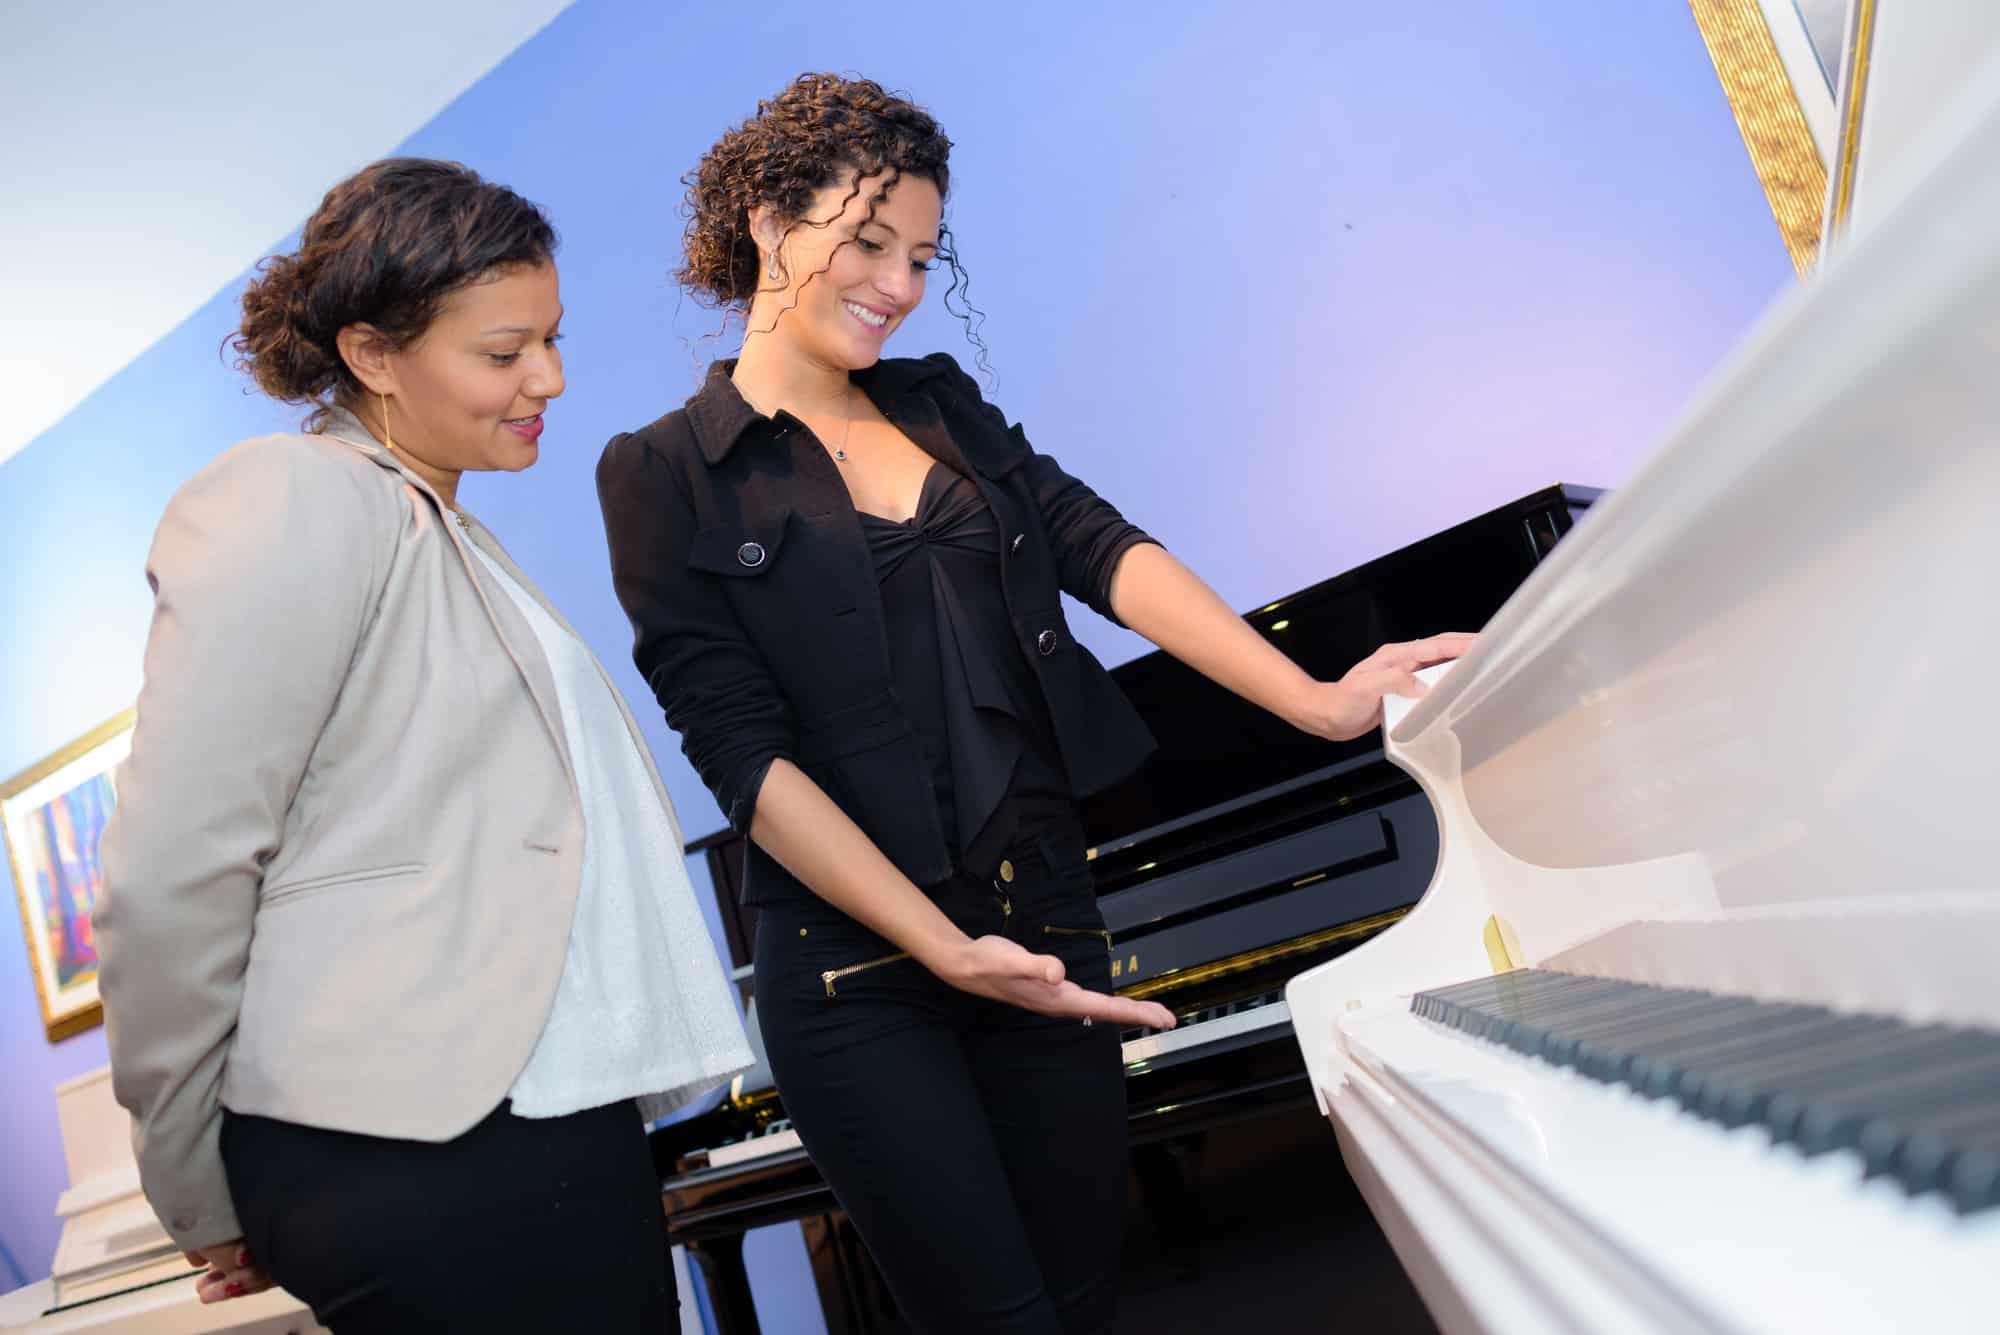 Klavier kaufen: 4 Arten + 7 Tipps zur Auswahl